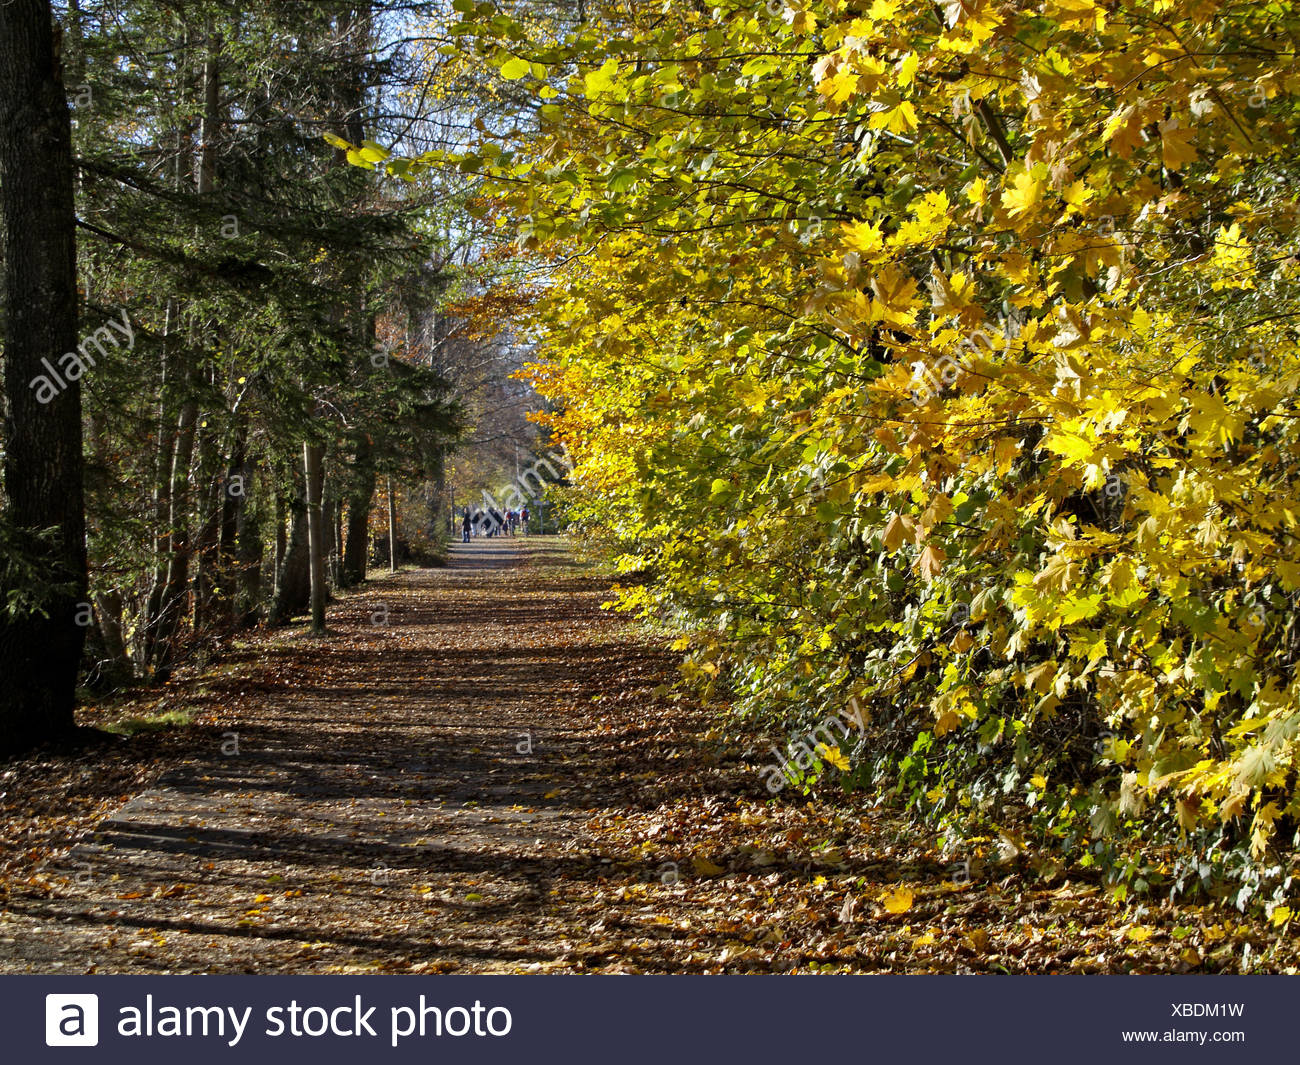 Baum, Baeume, Herbst, Herbstlaub, Blaetter, Farbe, Gelb, Gruen, Jahreszeiten, Natur, Landschaft, Stimmung, Ruhe, Stille - Stock Image